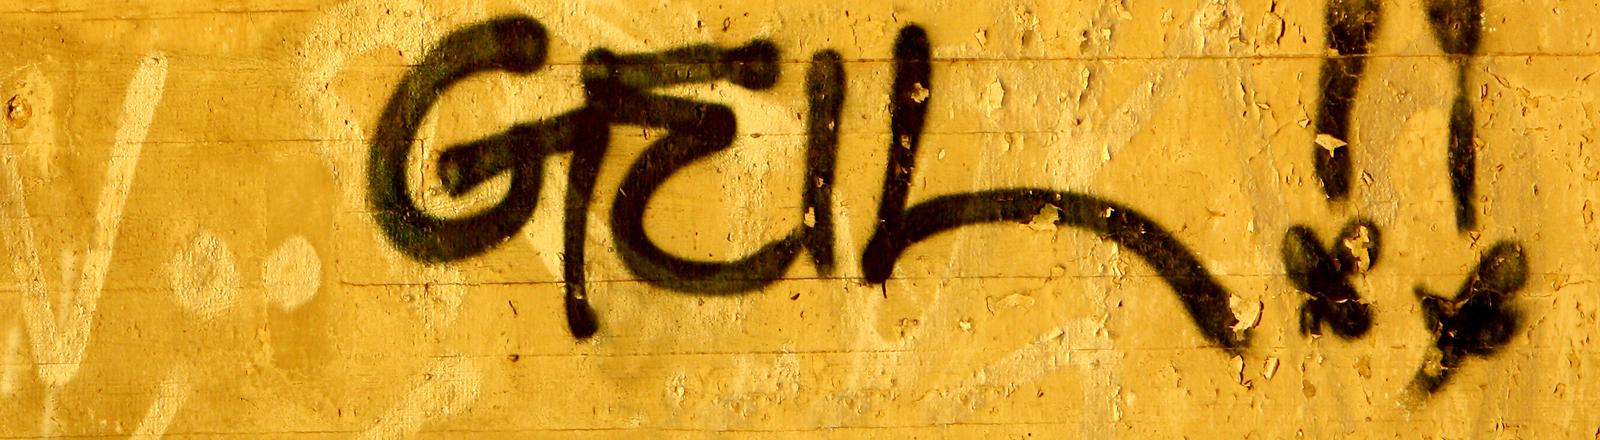 """Auf einer gelben Wand steht """"geil""""."""